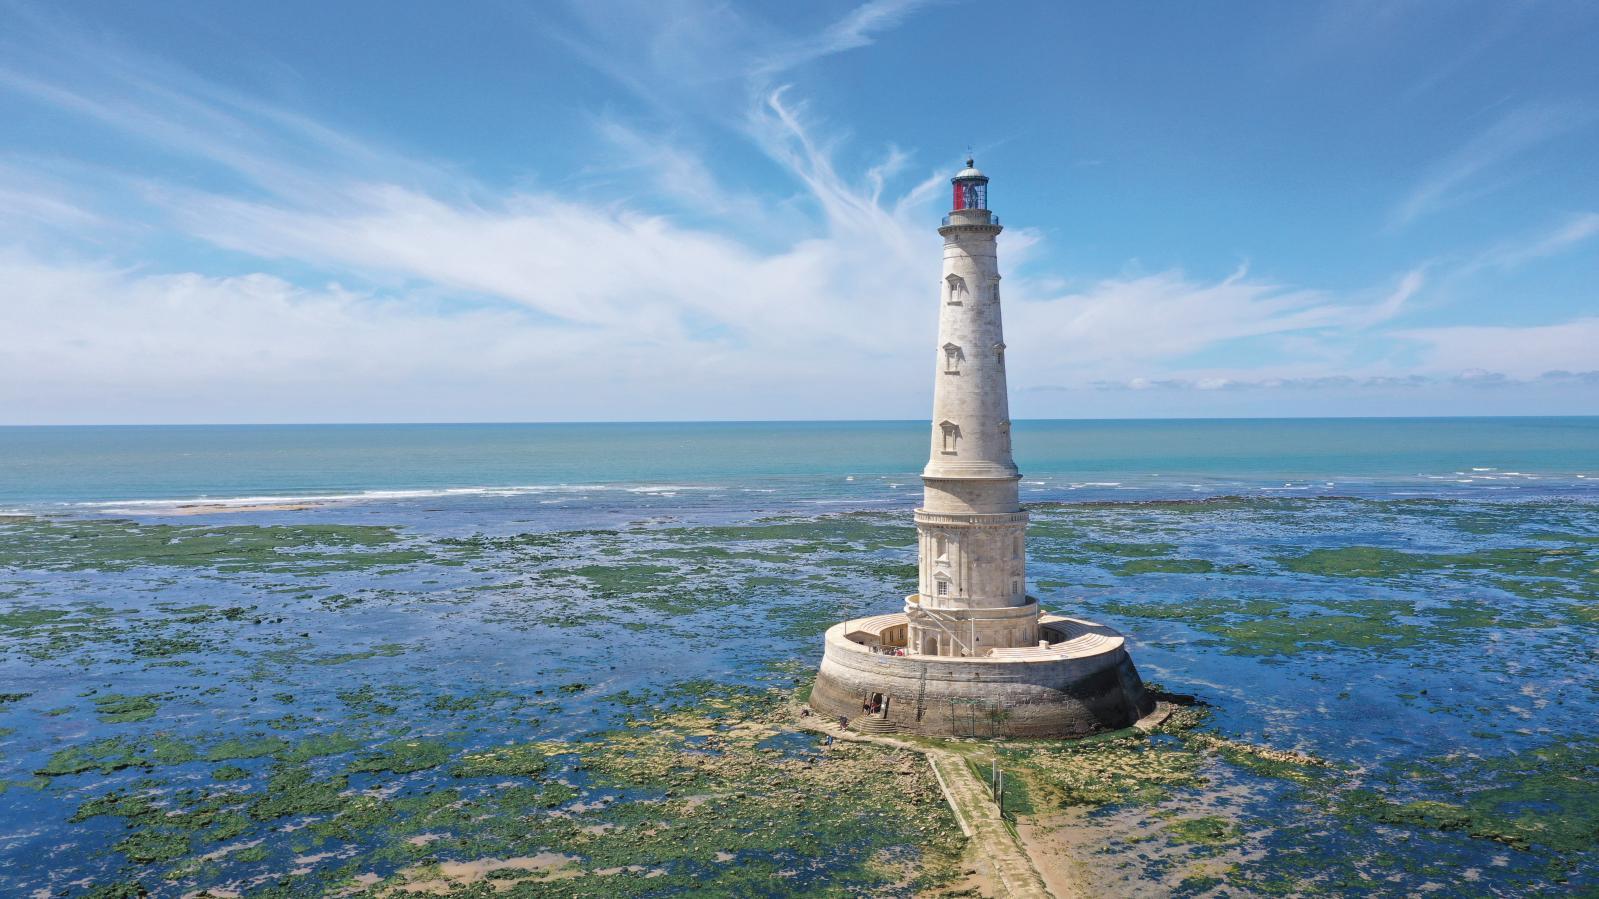 Кордуанский маяк попал в список наследия ЮНЕСКО. Его называют «Версаль моря» — рассказываем, почему